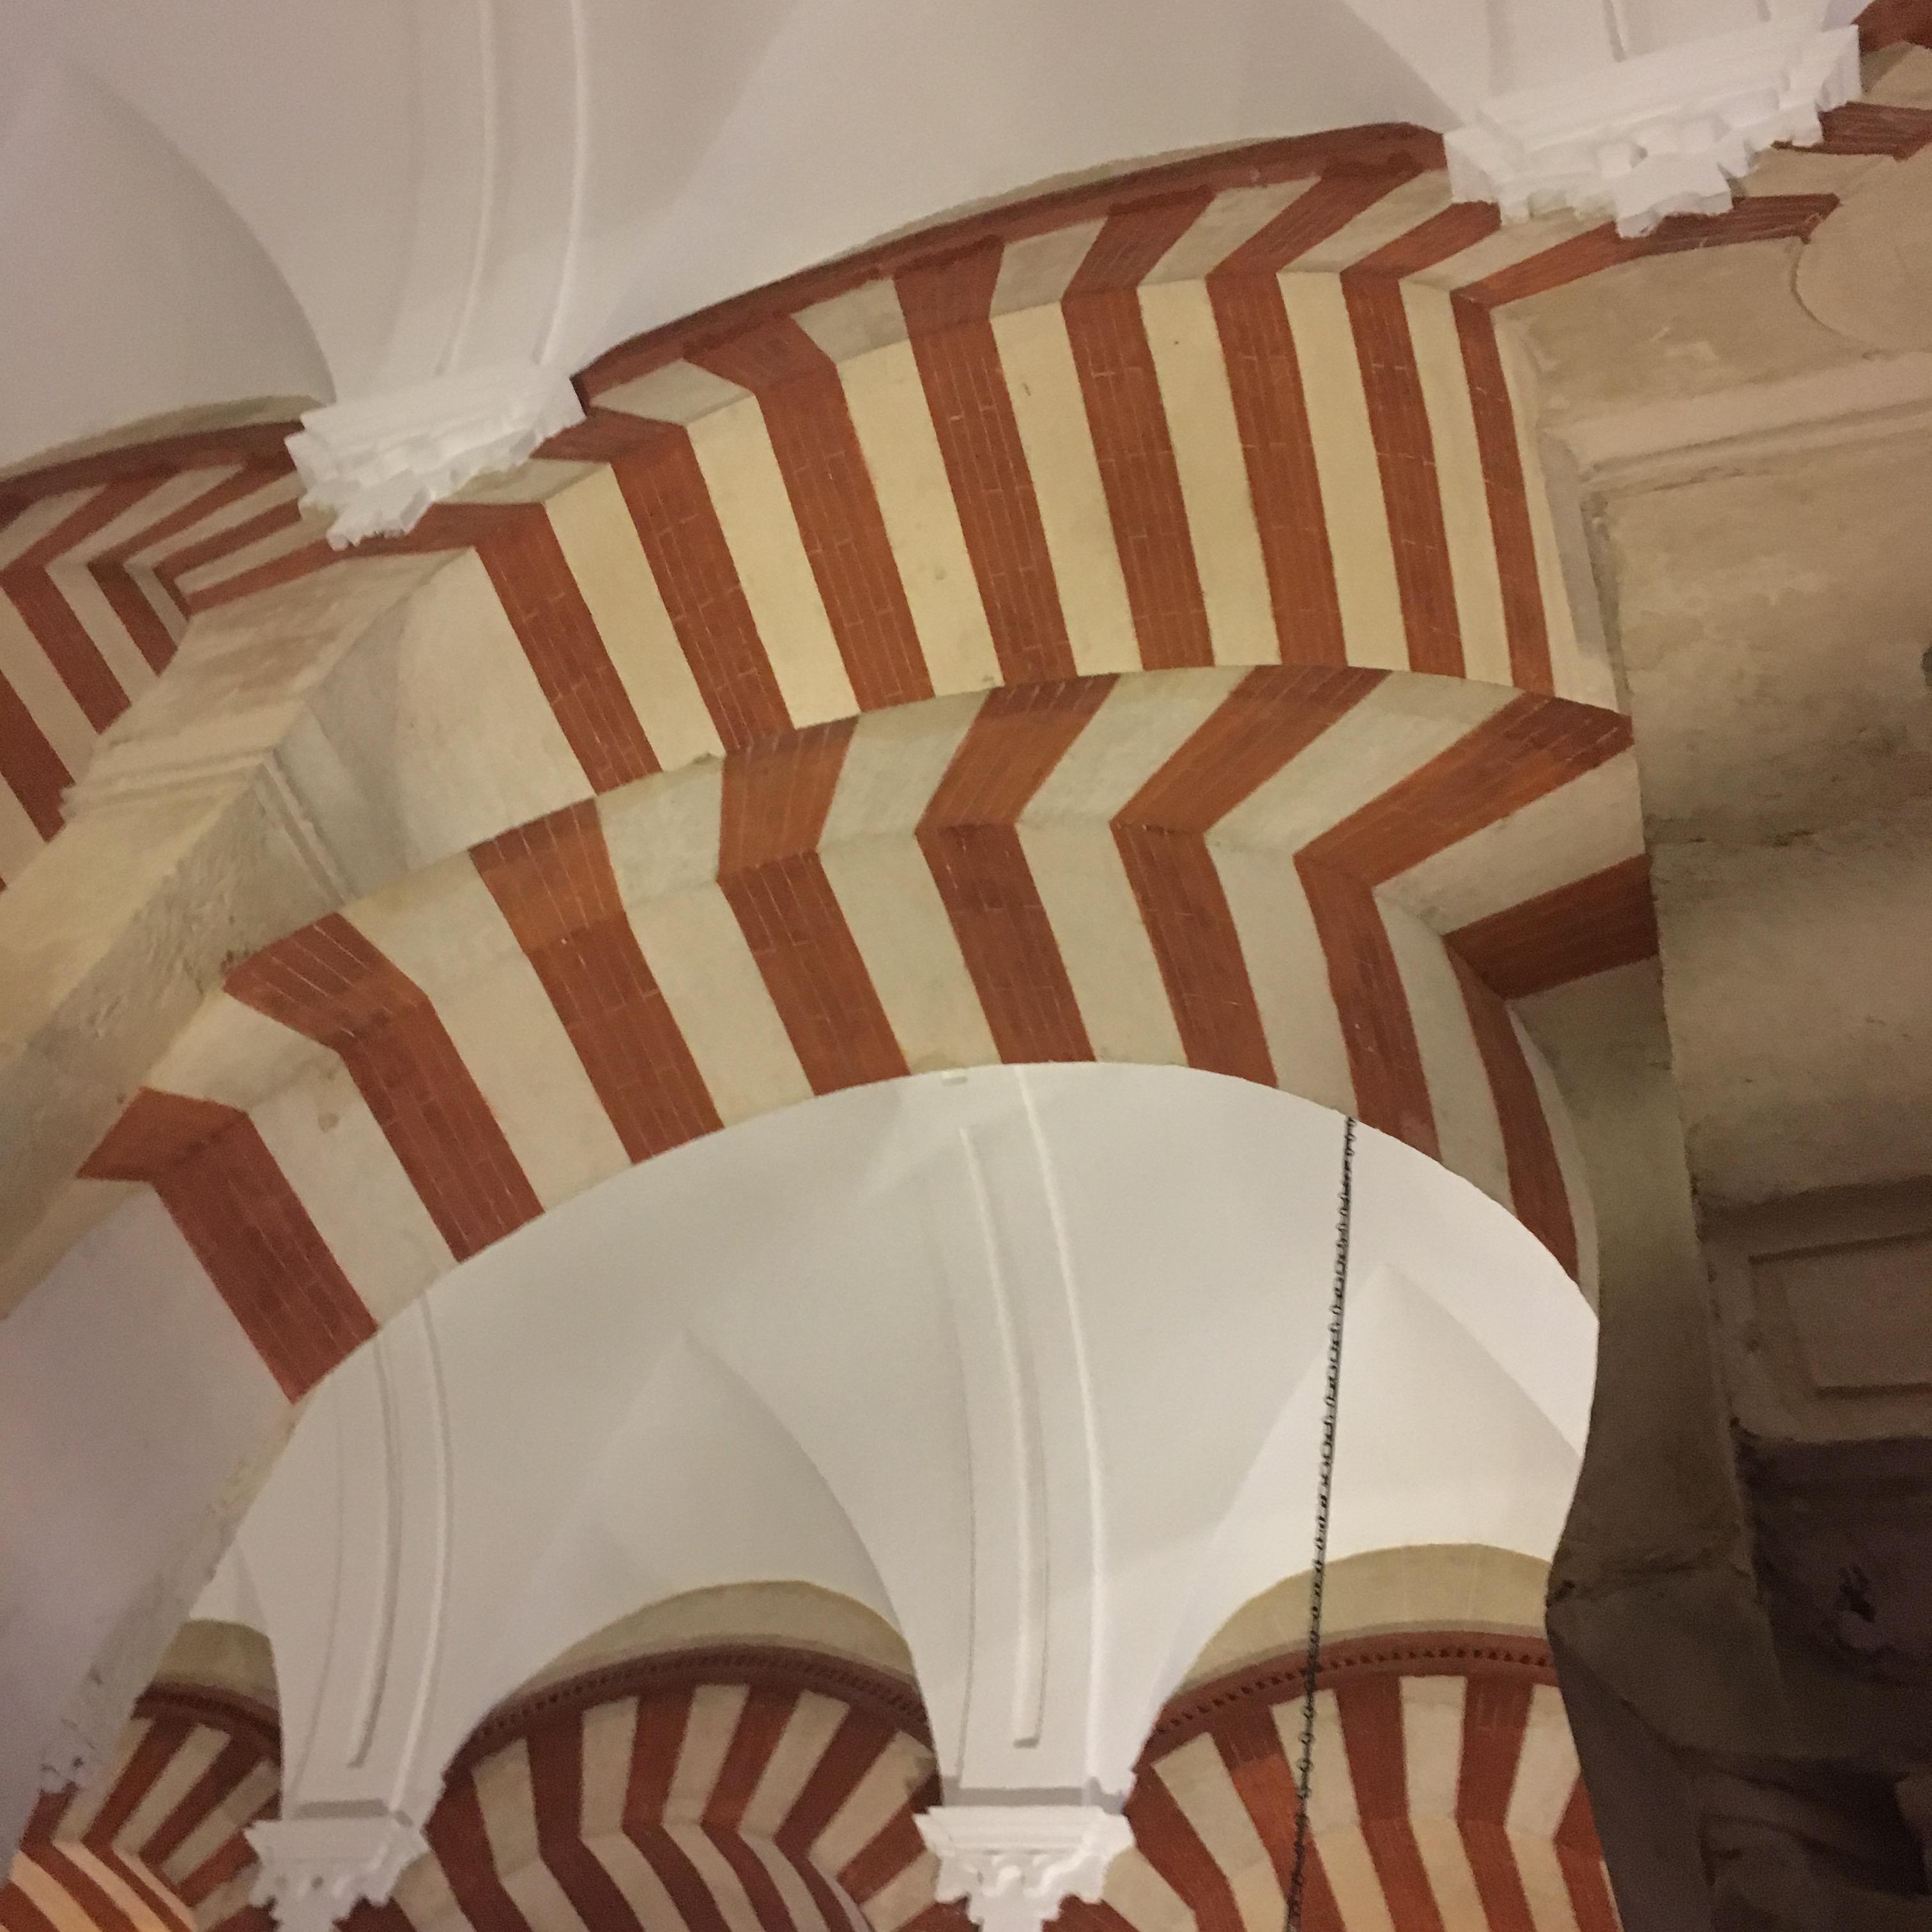 Mezquita-arches1